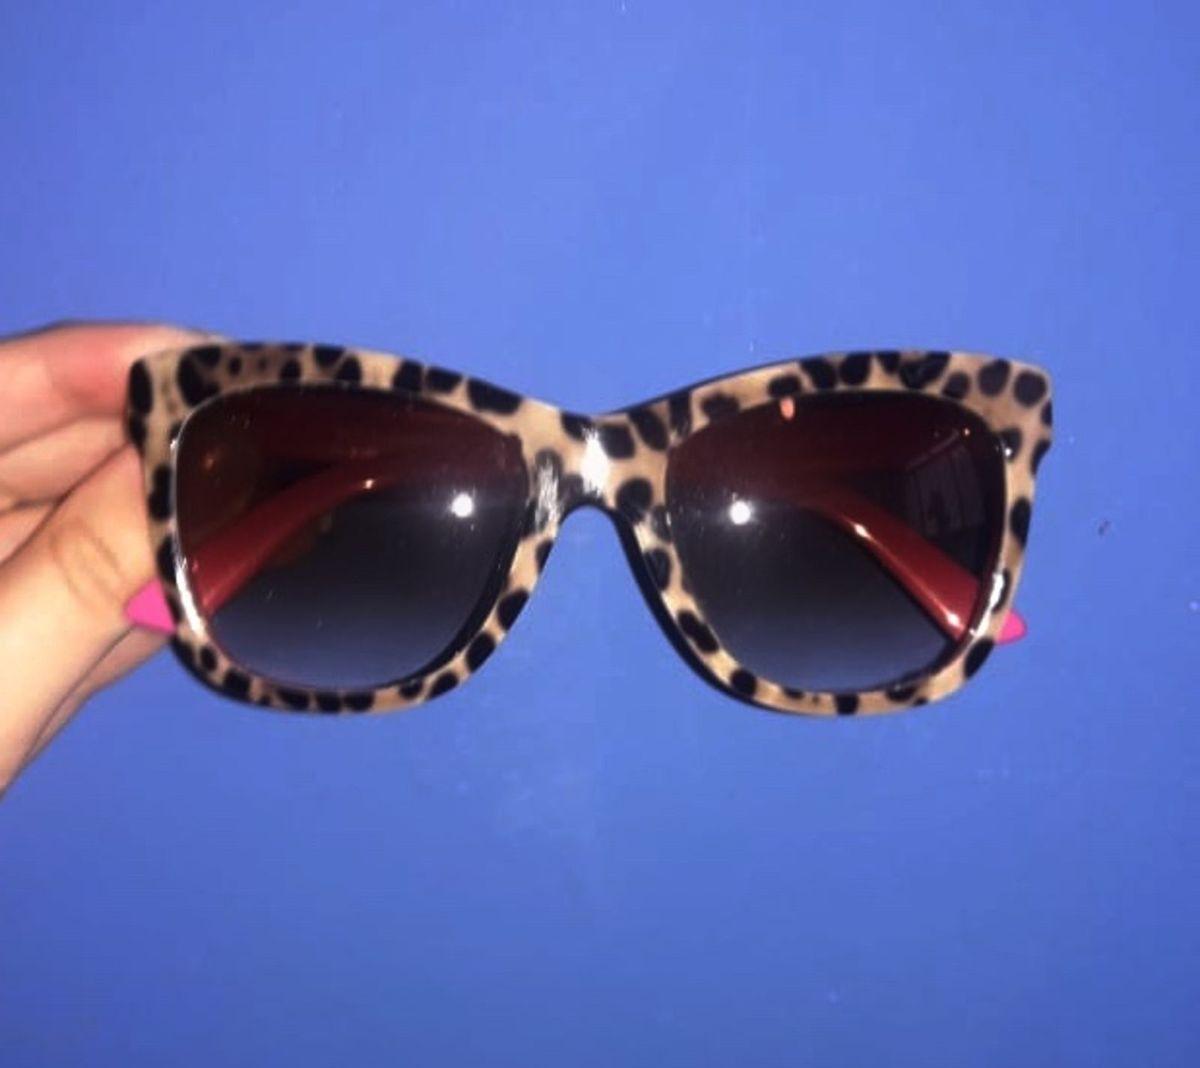 a6a8a840d óculos de sol - gatinho de onça - dolce gabbana - 100% original - óculos